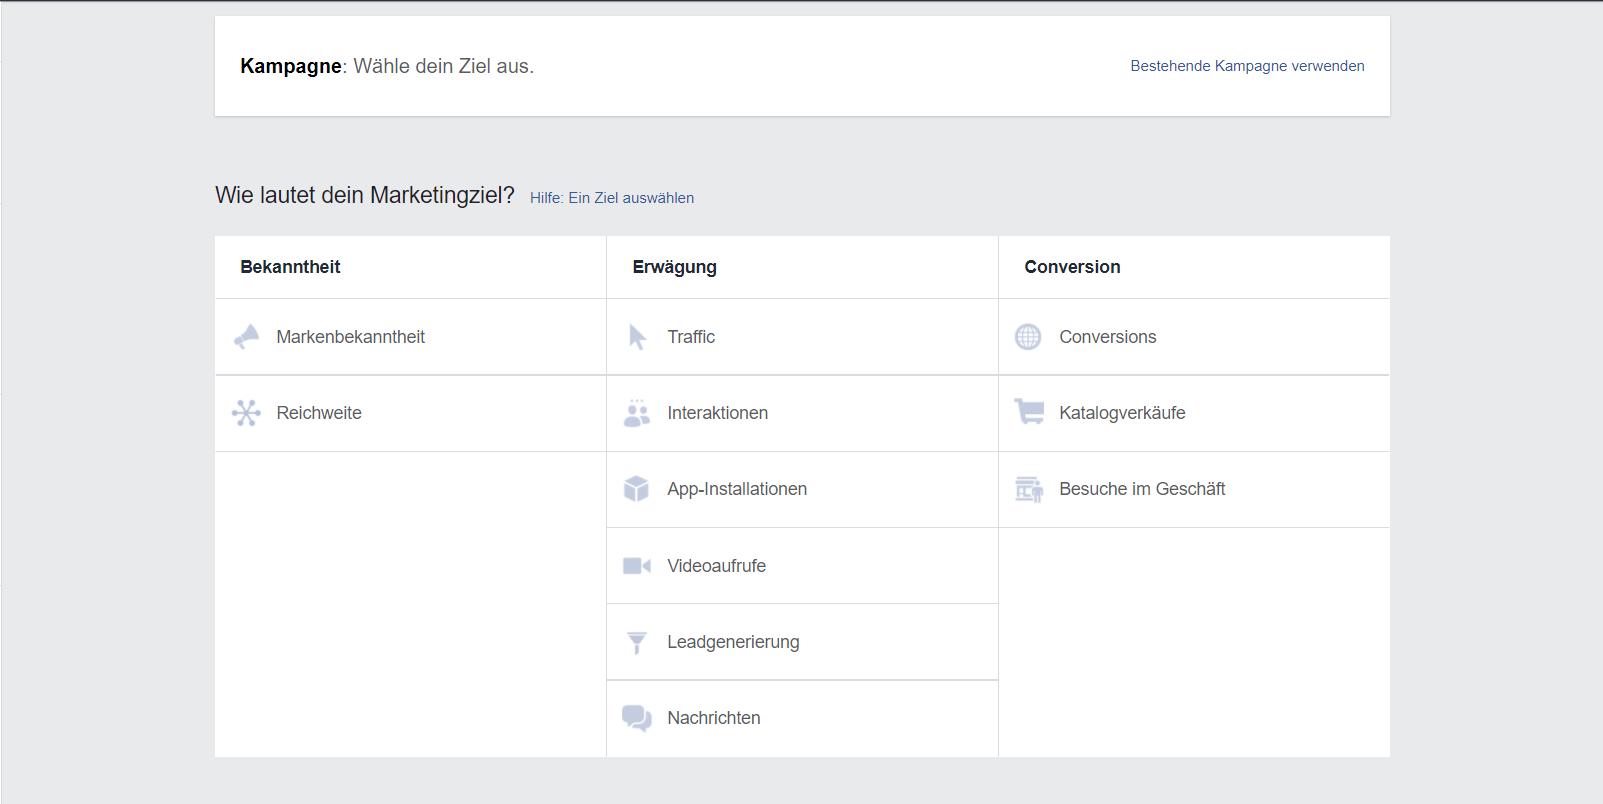 Mit dem Werbeanzeigenmanager von Facebook können schnell und einfach Anzeigen für Yogstudios geschalten werden.